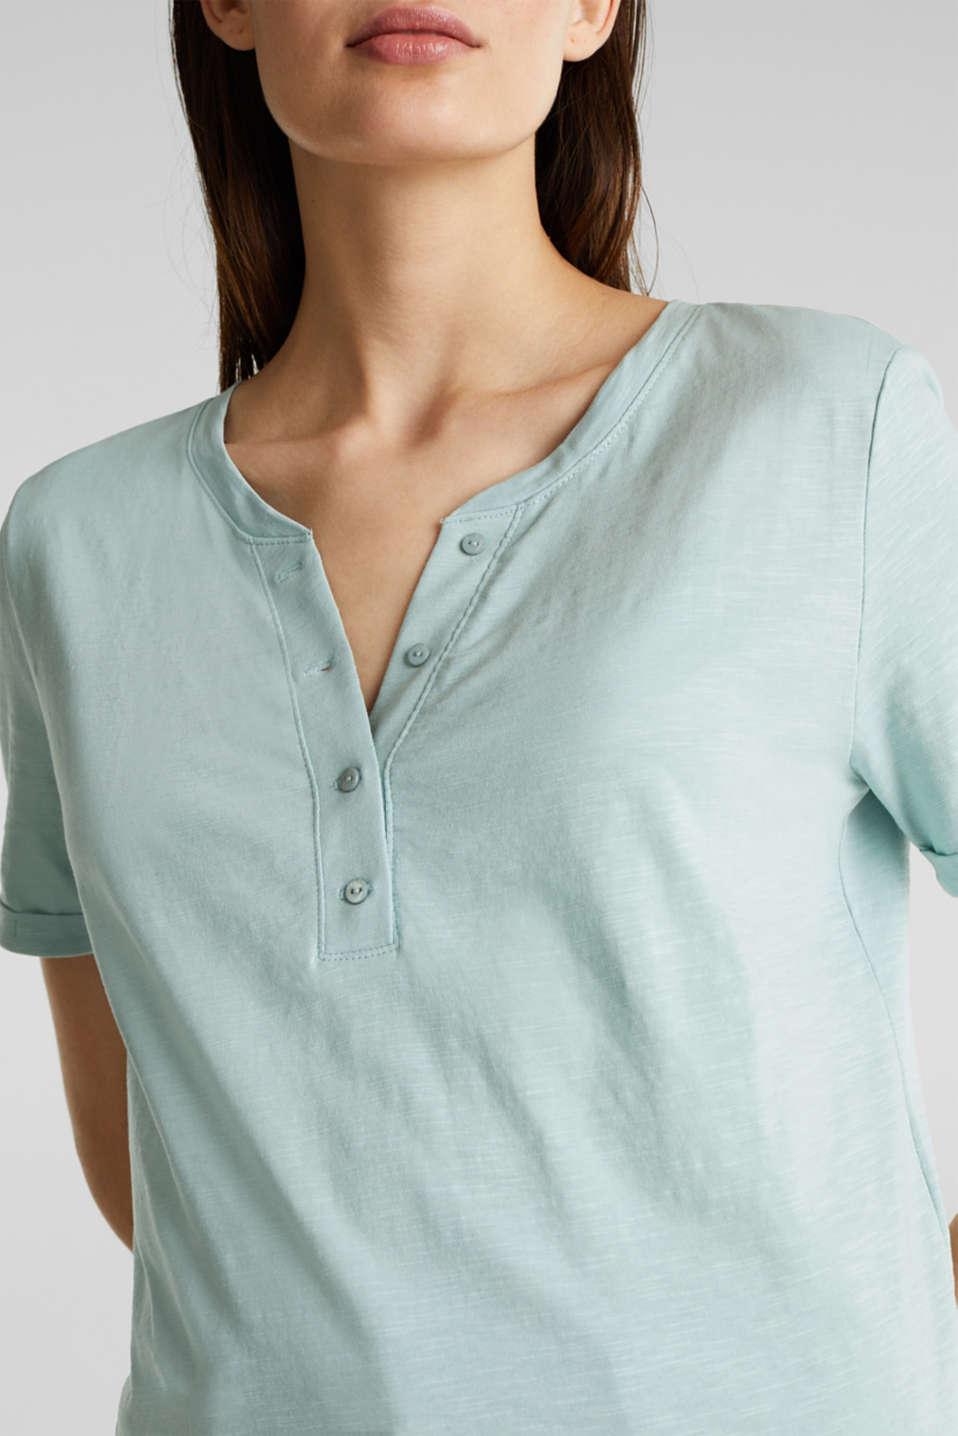 100% cotton Henley T-shirt, LIGHT AQUA GREEN 4, detail image number 2